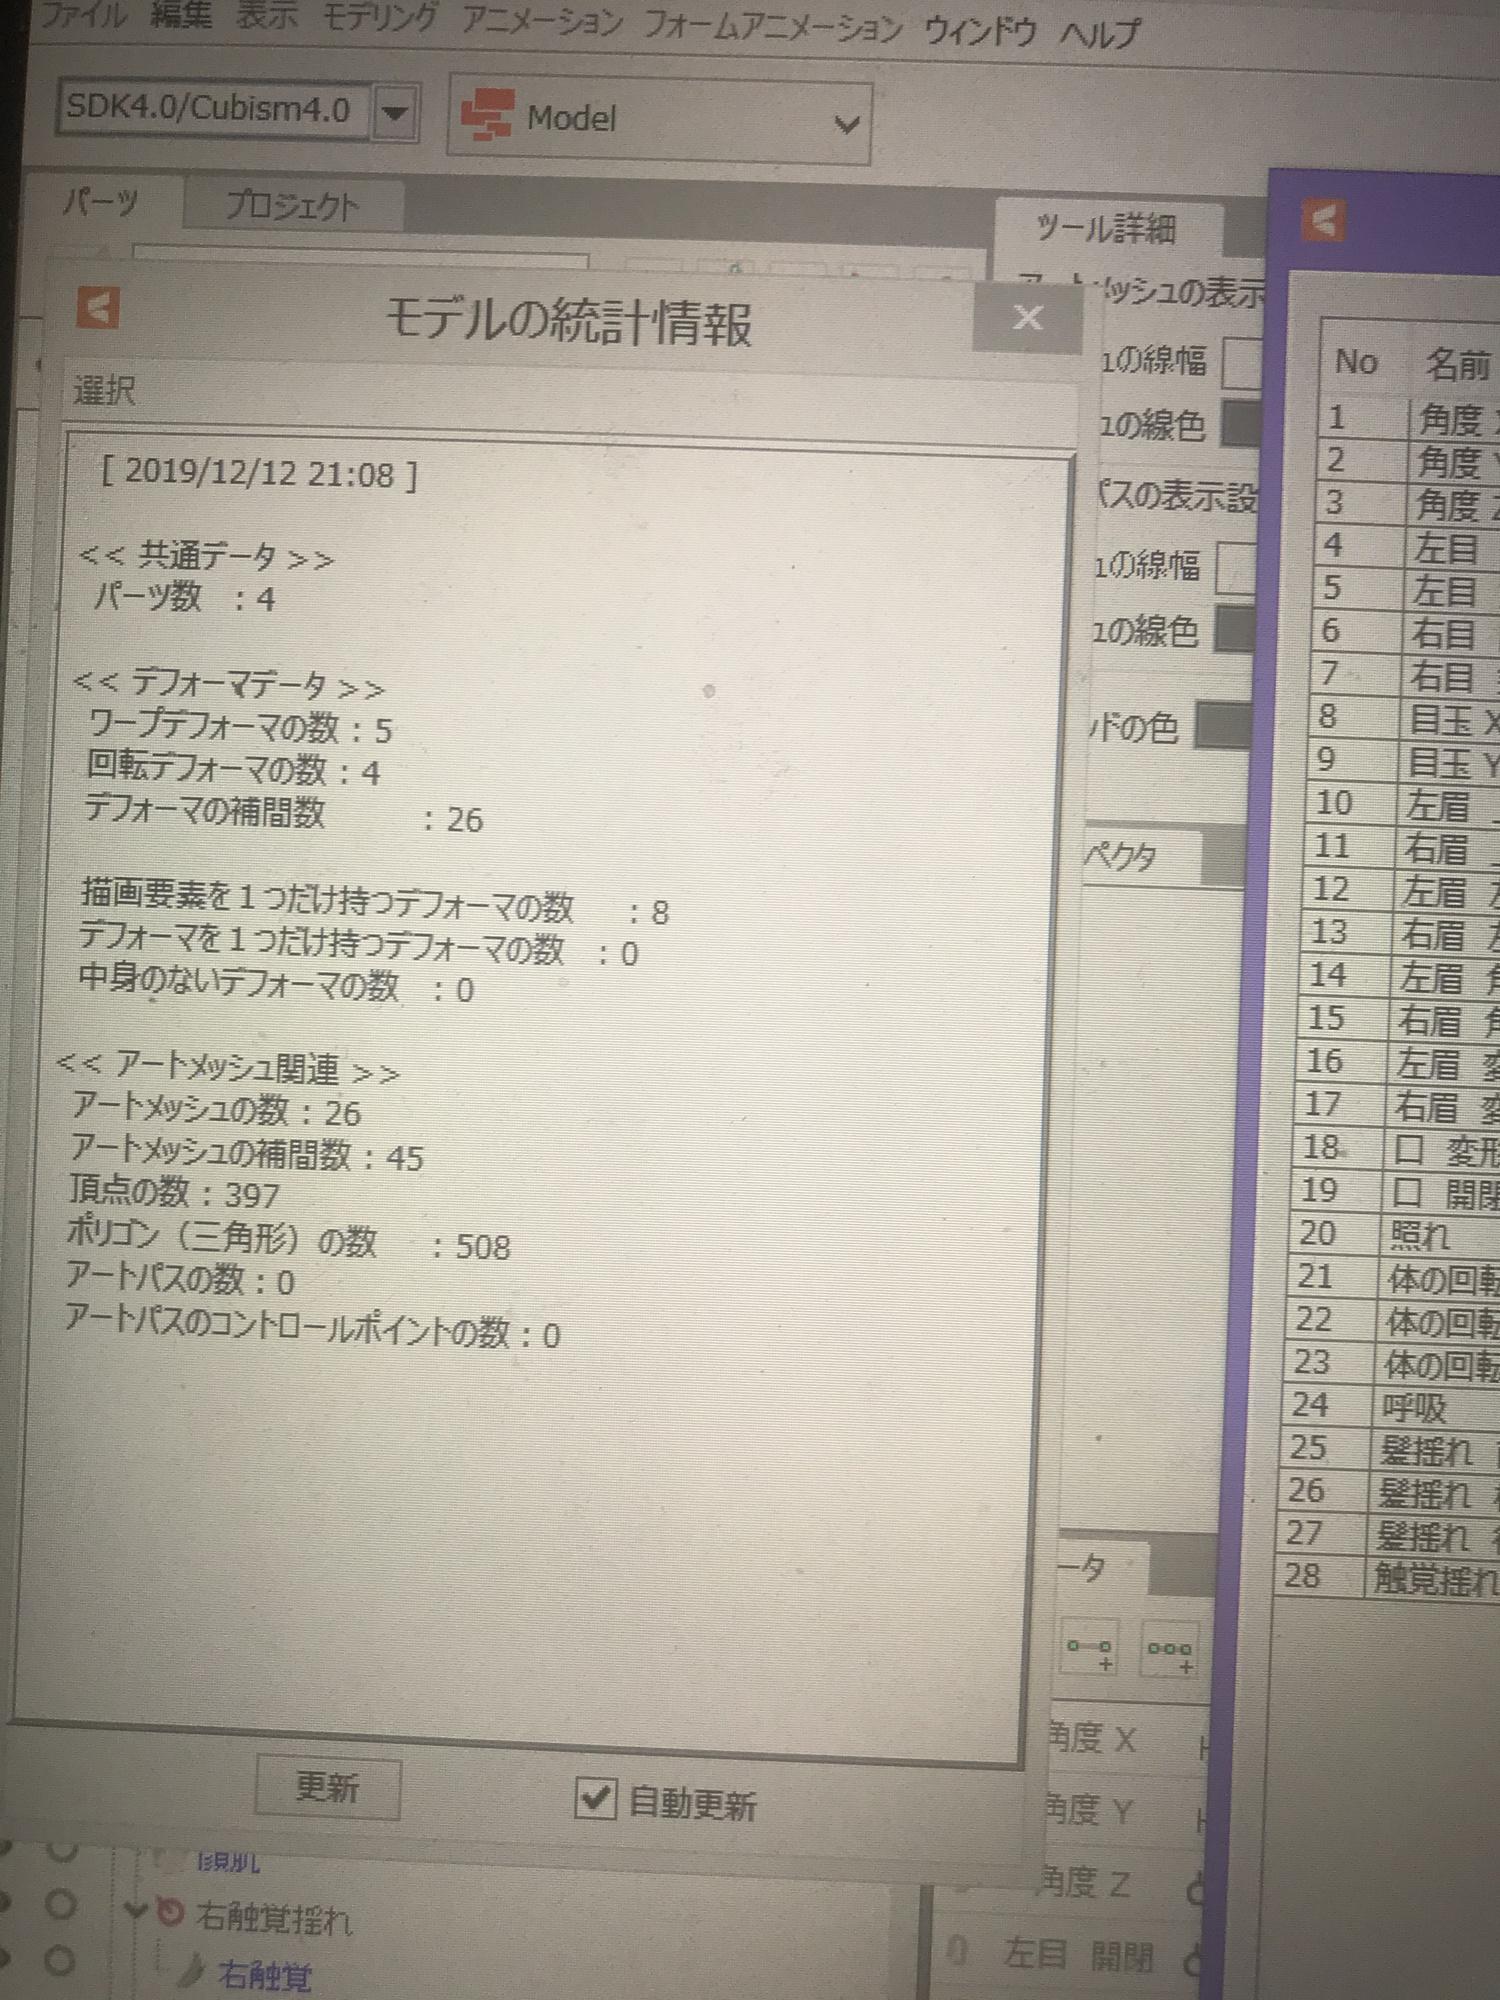 E20A480B-42F7-44D5-8FD5-4C7707FFDB08.jpeg